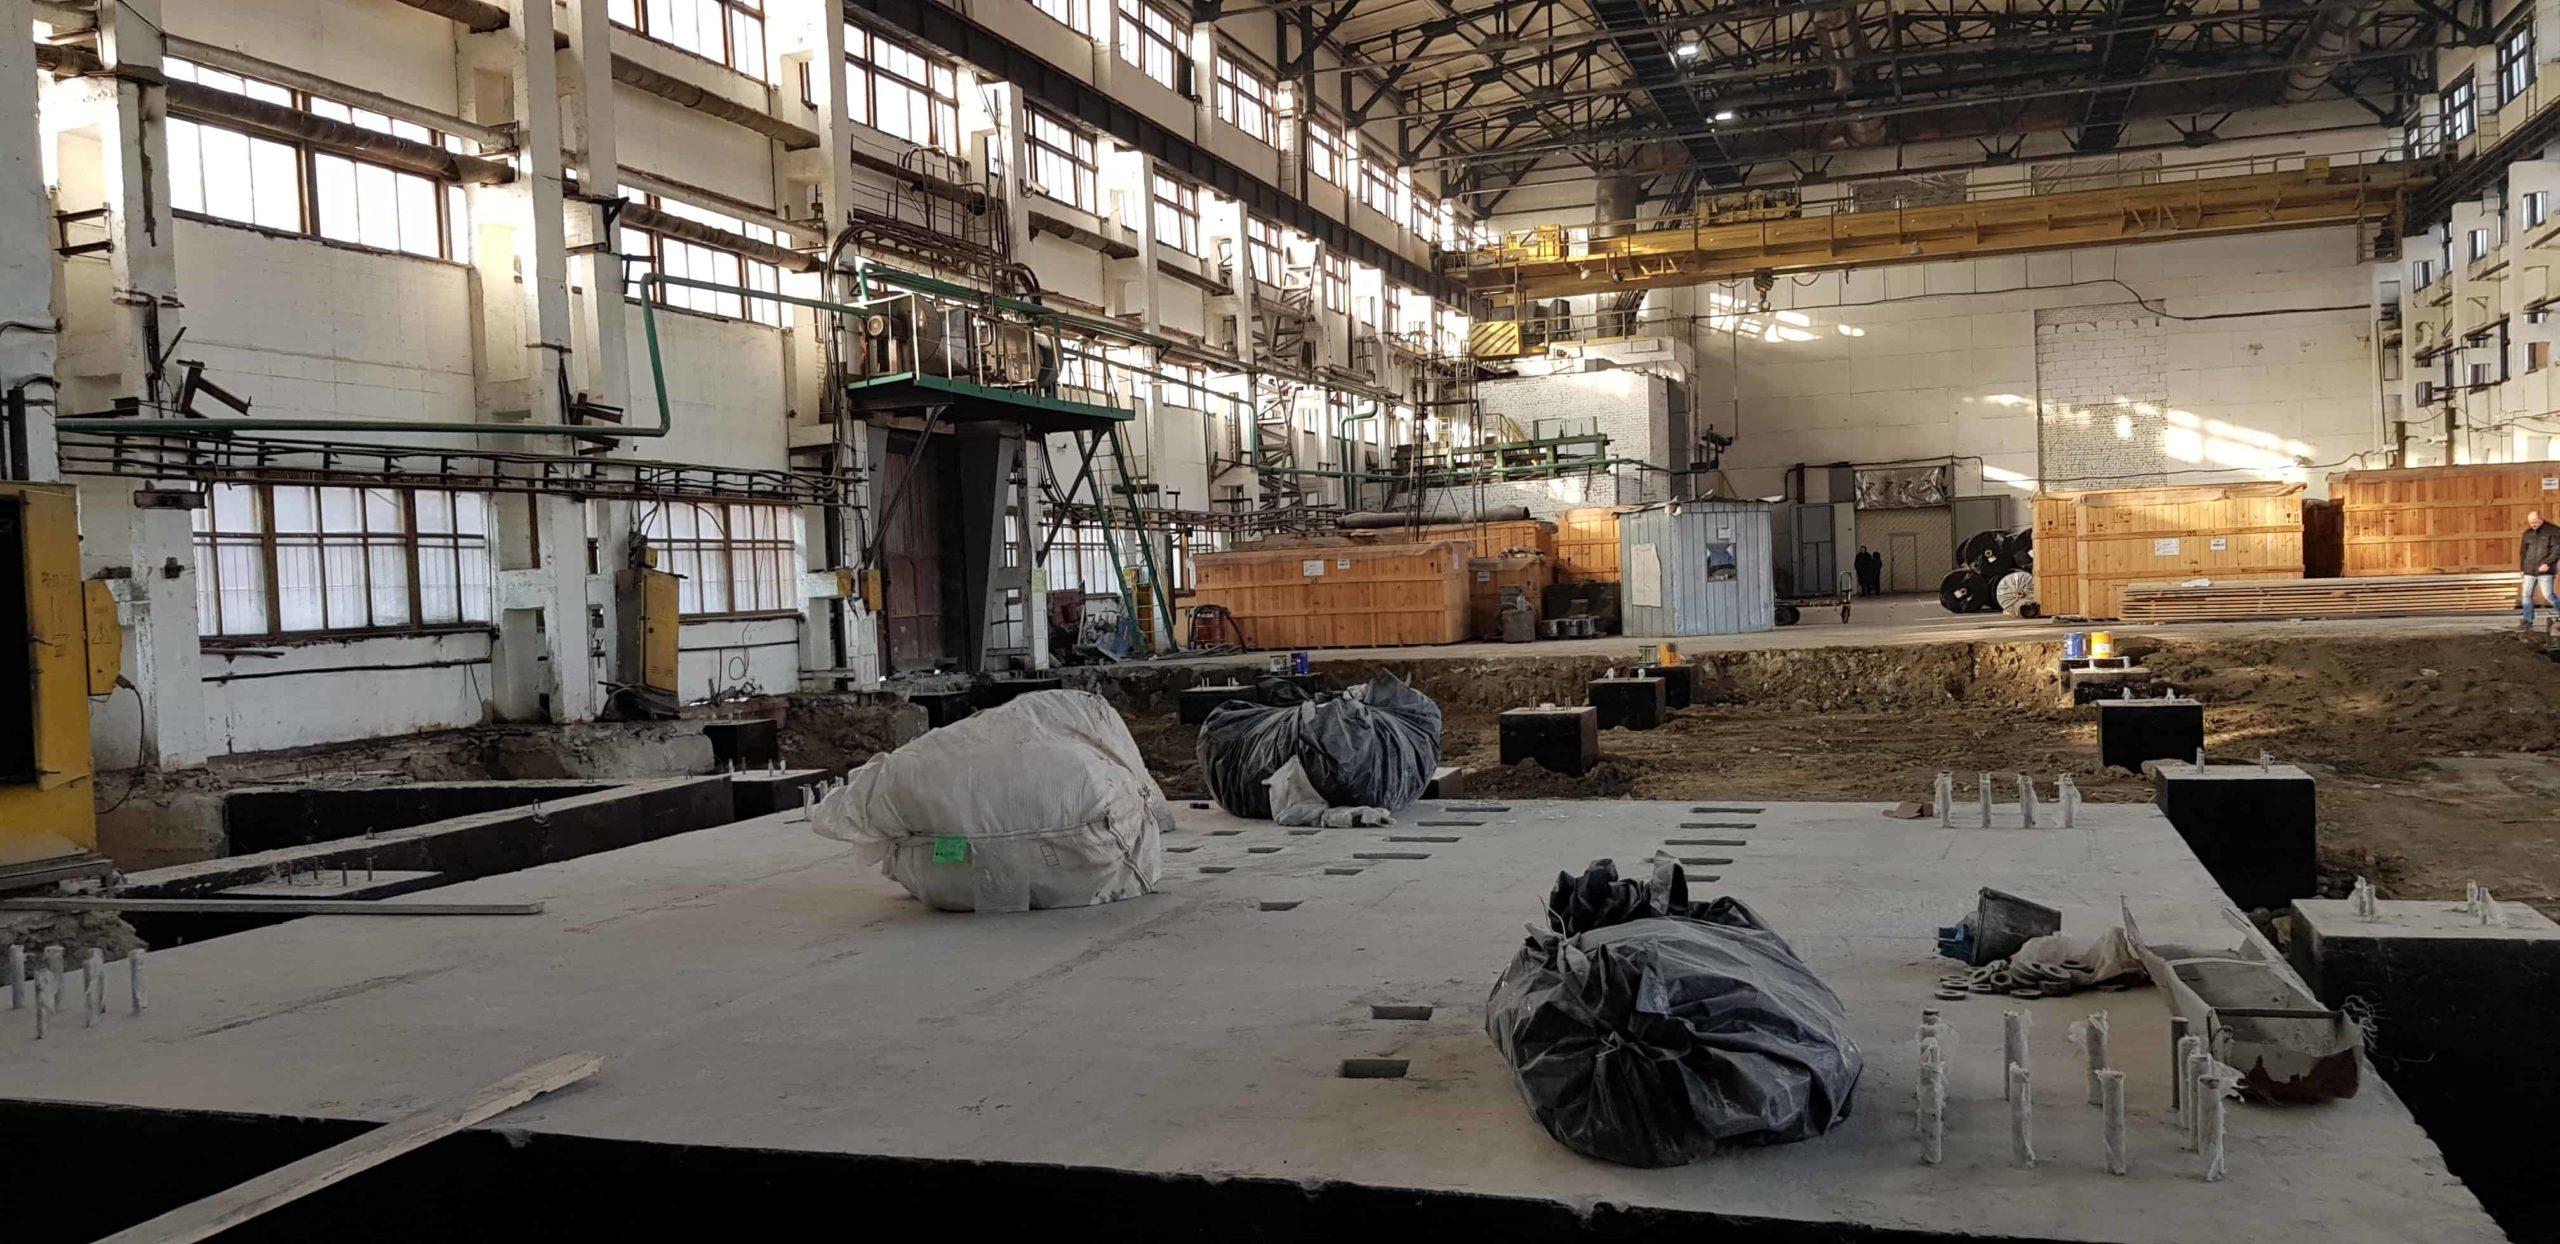 Монтаж промышленного оборудования под ключ - от фундамента до пусконаладочных работ